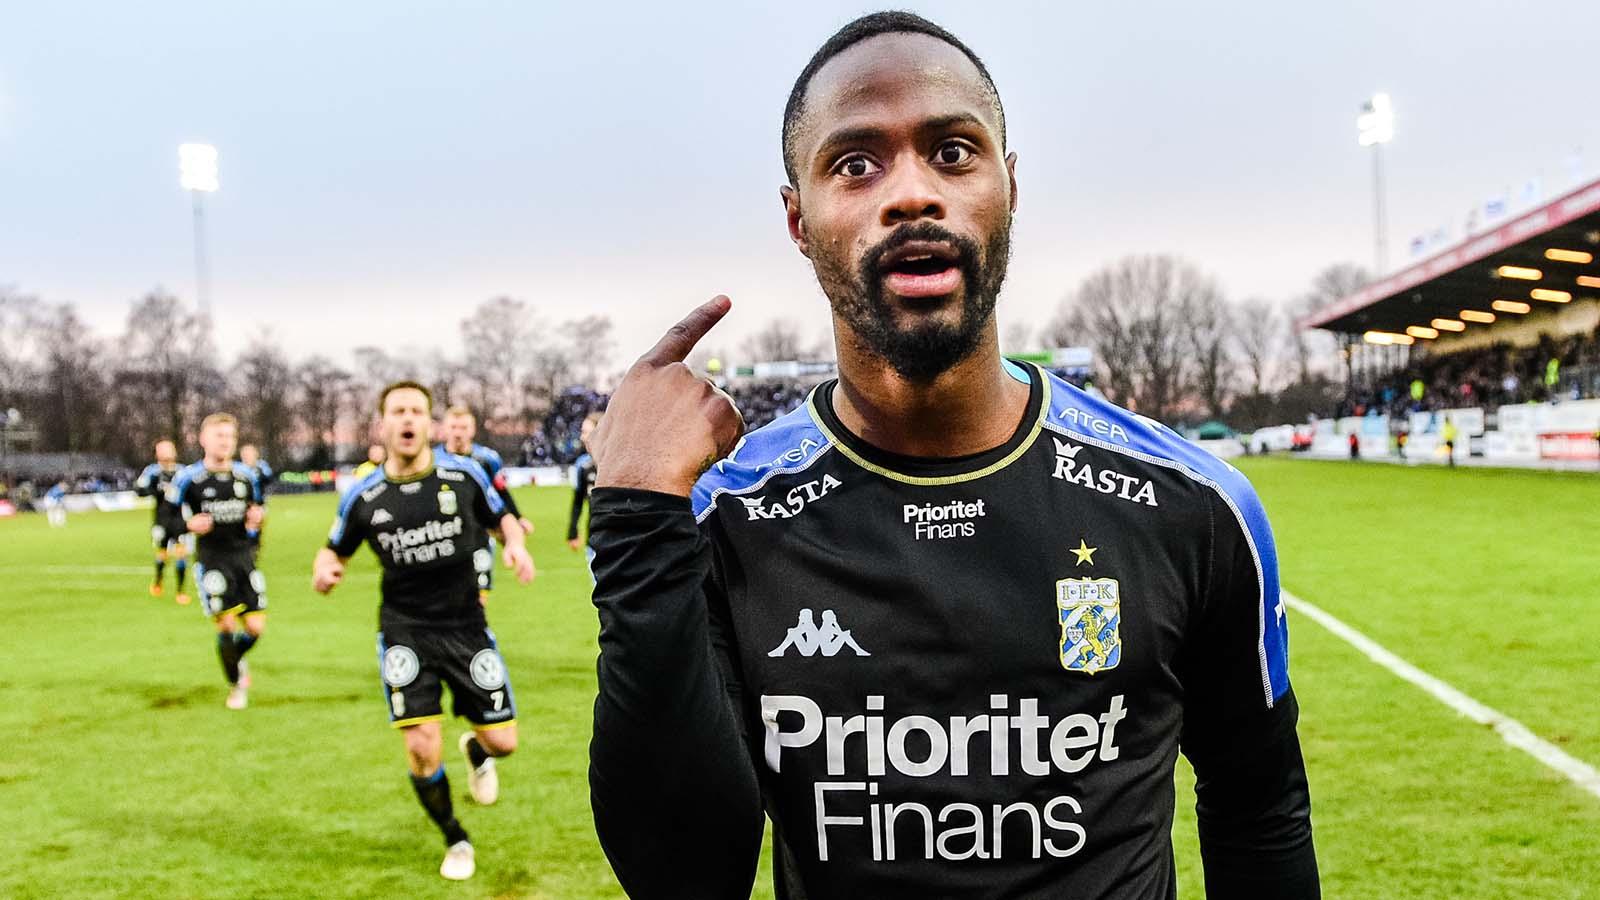 180401 IFK Göteborgs Vajebah Kaliefah Sakor jublar efter 1-3 under fotbollsmatchen i Allsvenskan mellan Trelleborg och IFK Göteborg den 1 april 2018 i Trelleborg. Foto: Ludvig Thunman / BILDBYRÅN / kod LT / 92013